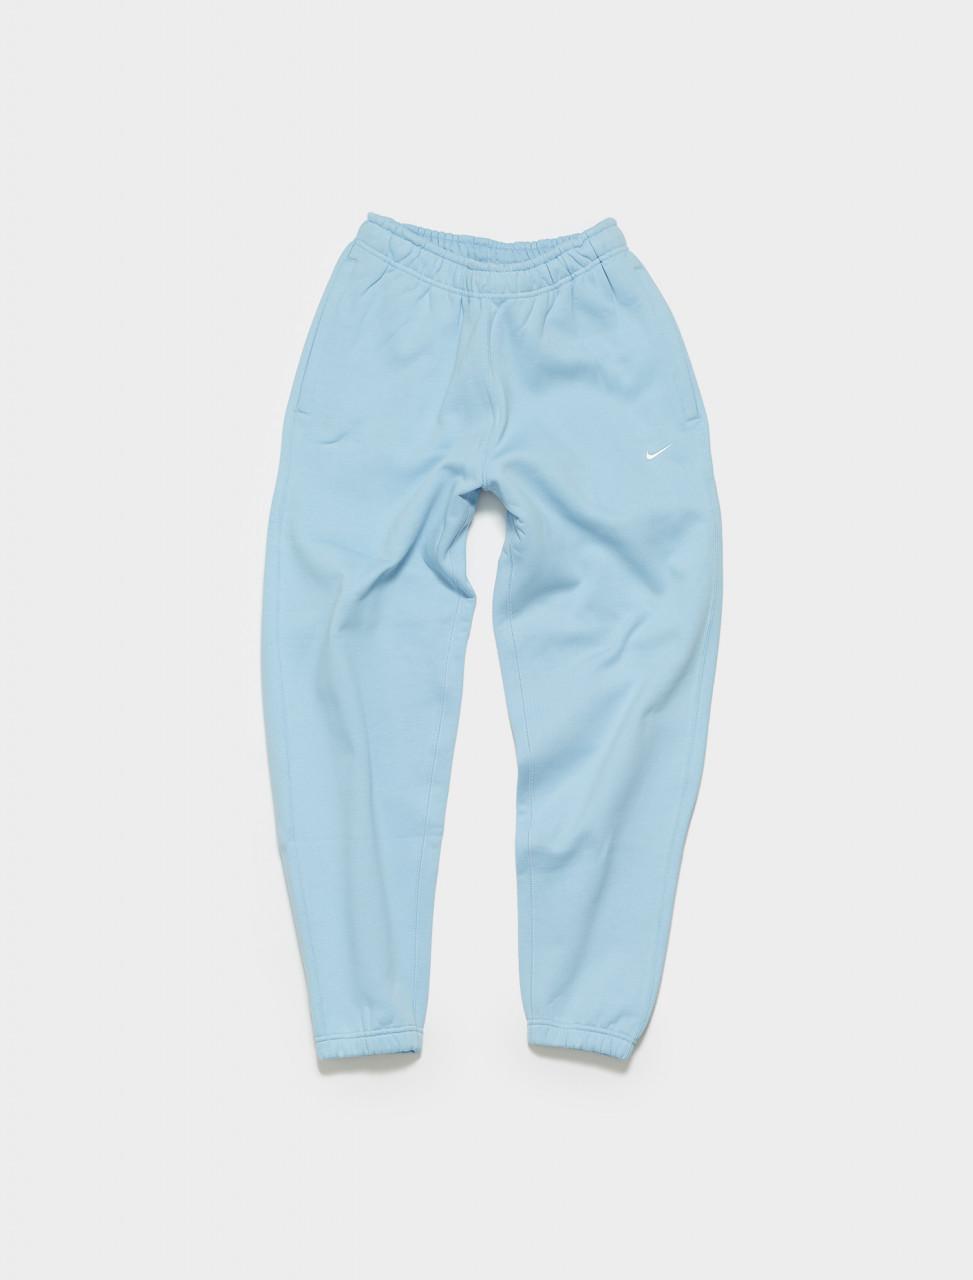 CW5460-436 NIKE NRG SOLO SWOOSH FLEECE PANTS PSYCHIC BLUE